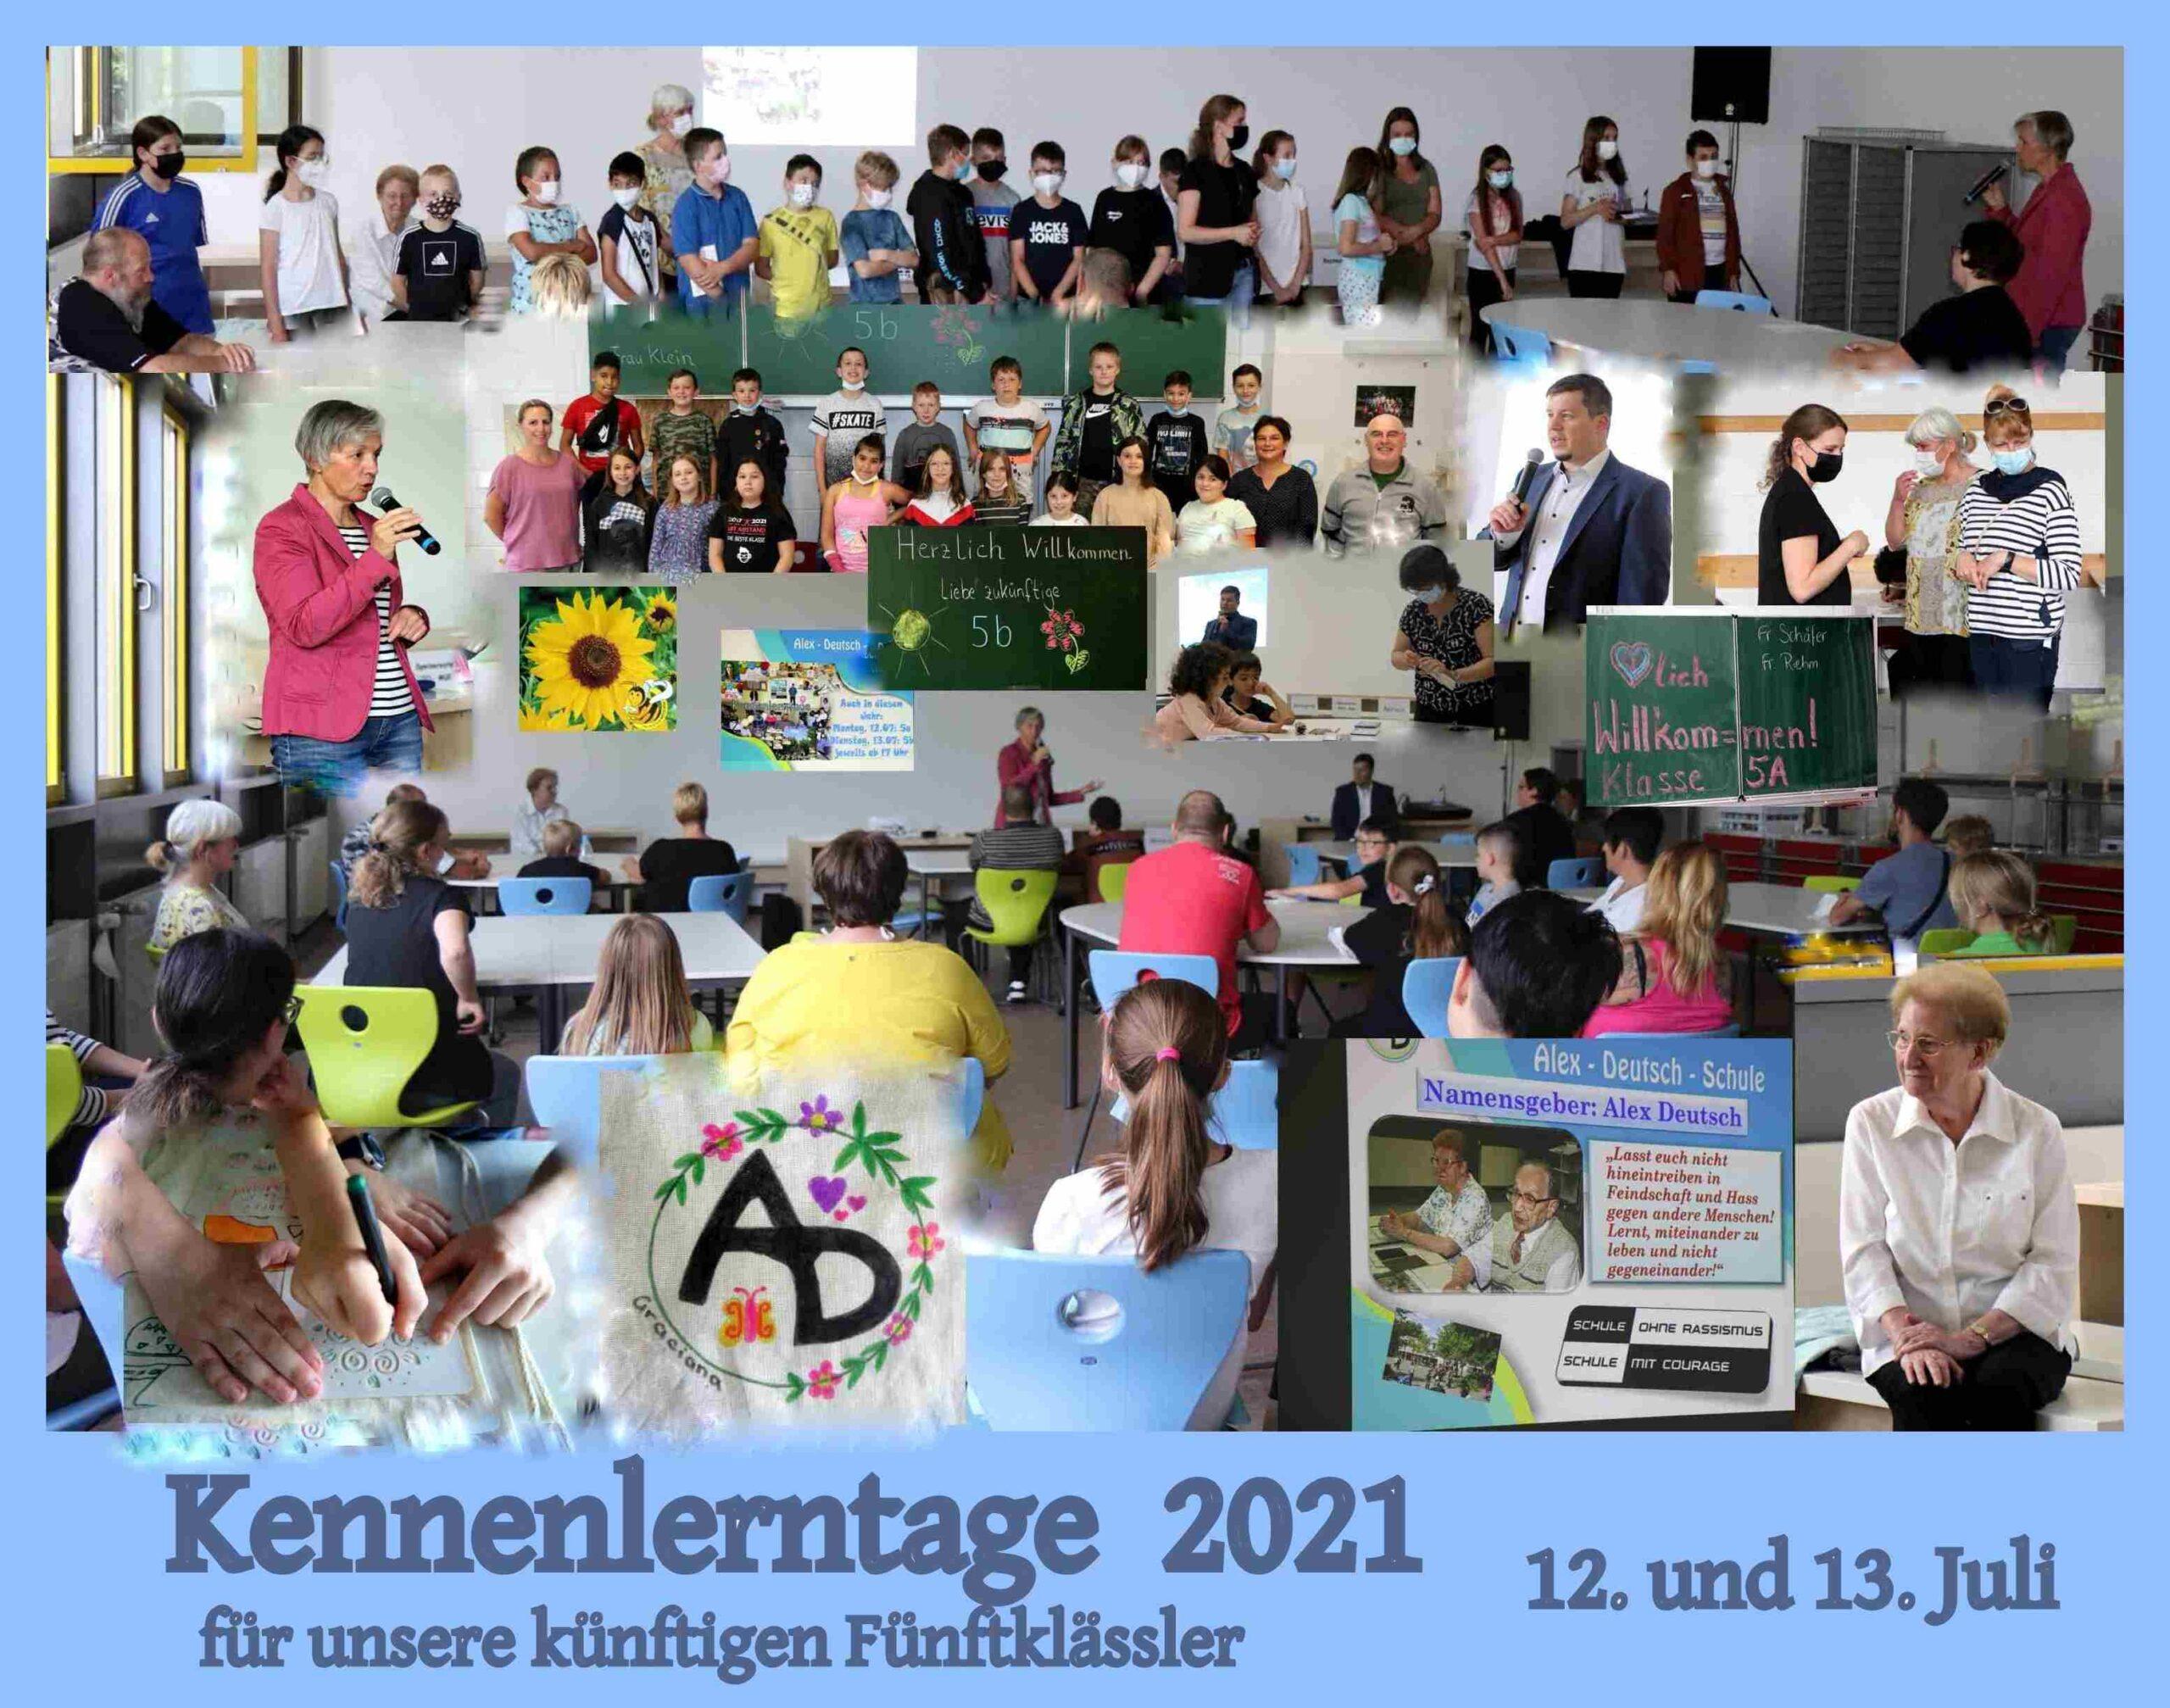 Kennenlerntage 2021 an der Alex-Deutsch-Schule